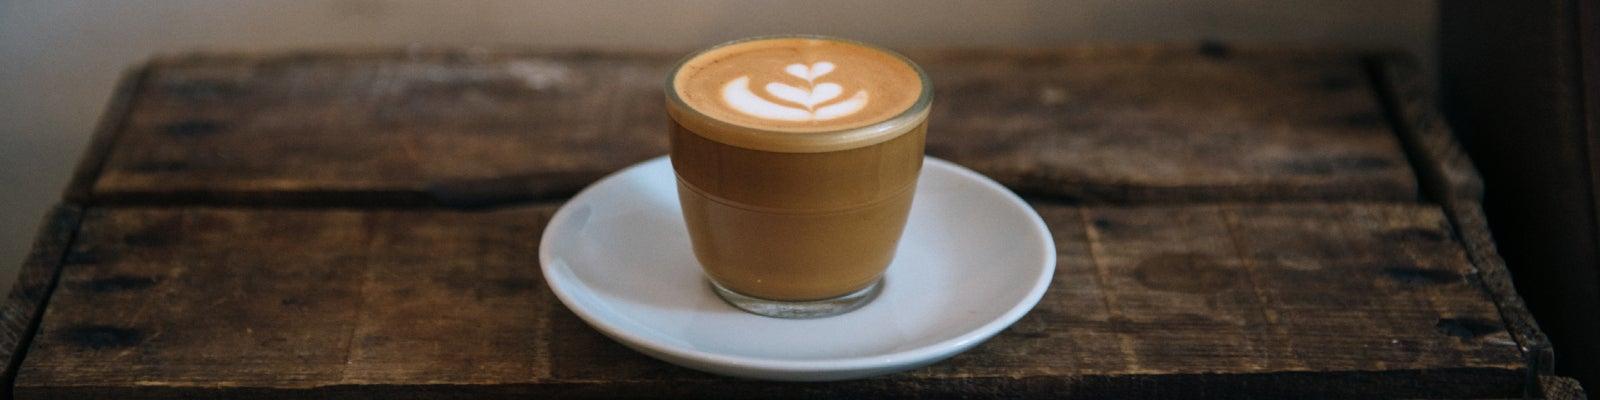 A cortado coffee in a glass